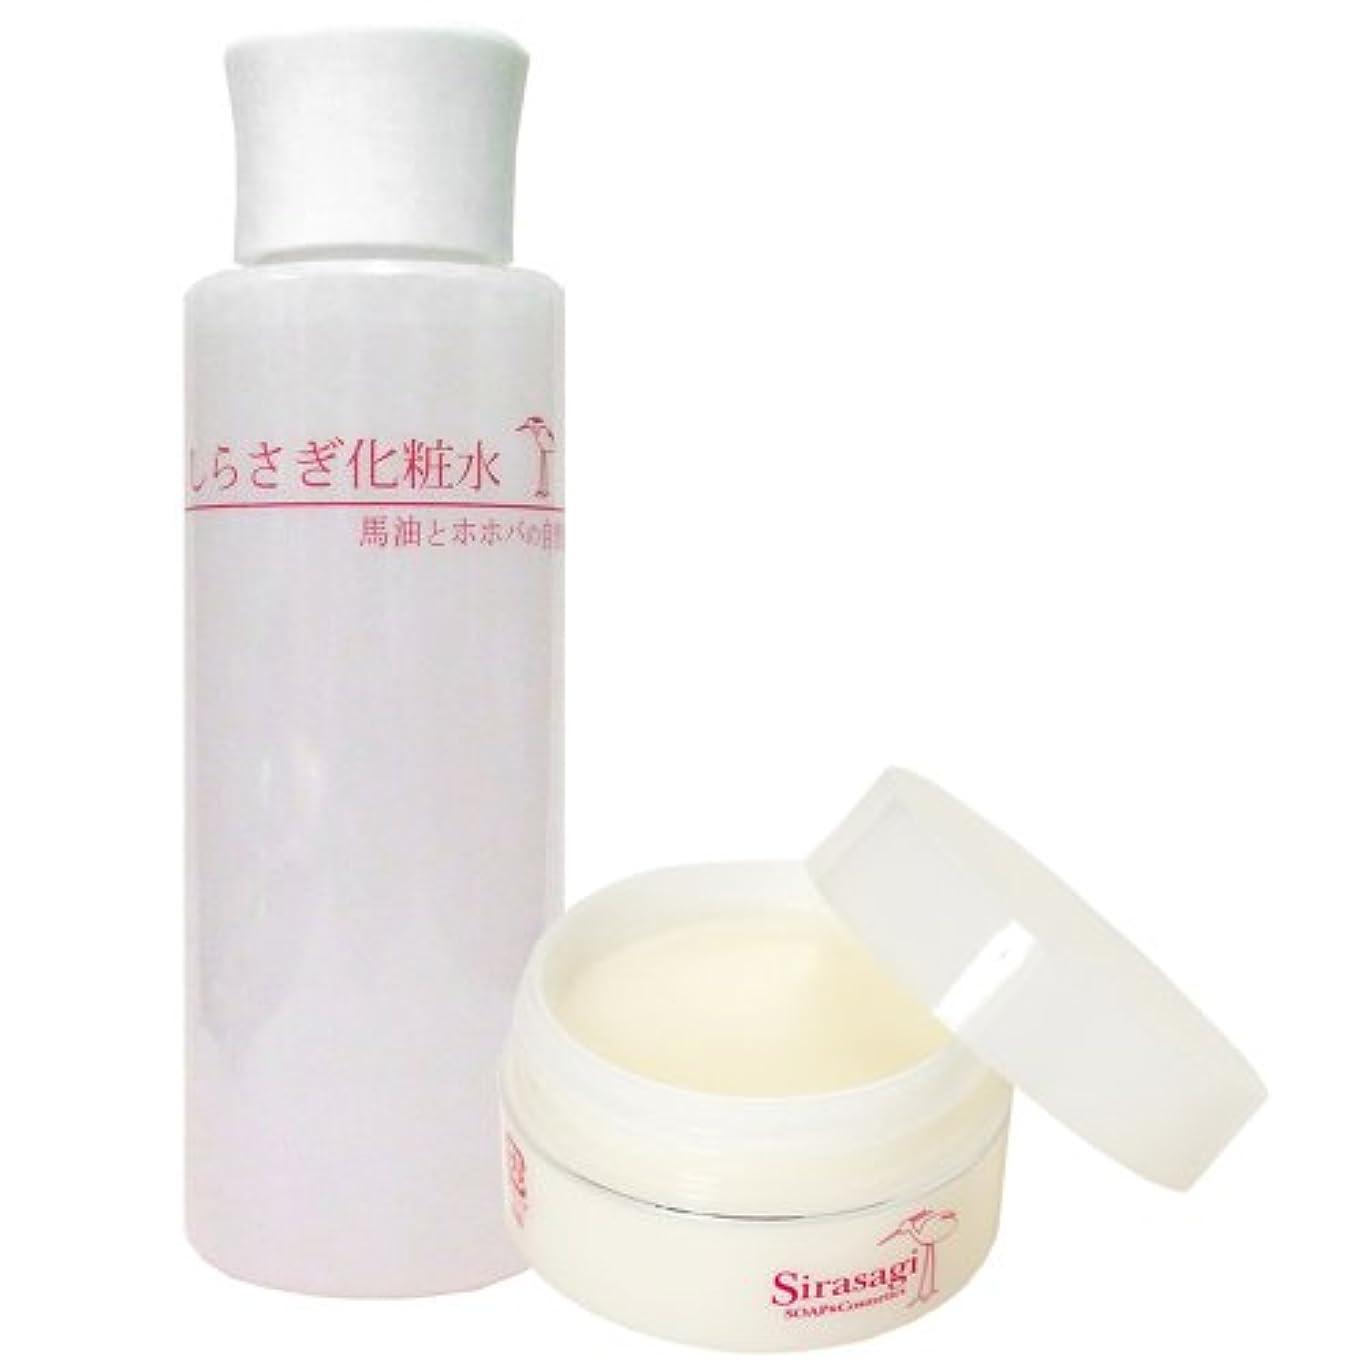 ロケーション時制アラバマしらさぎクリーム(無香料)としらさぎ化粧水のセット